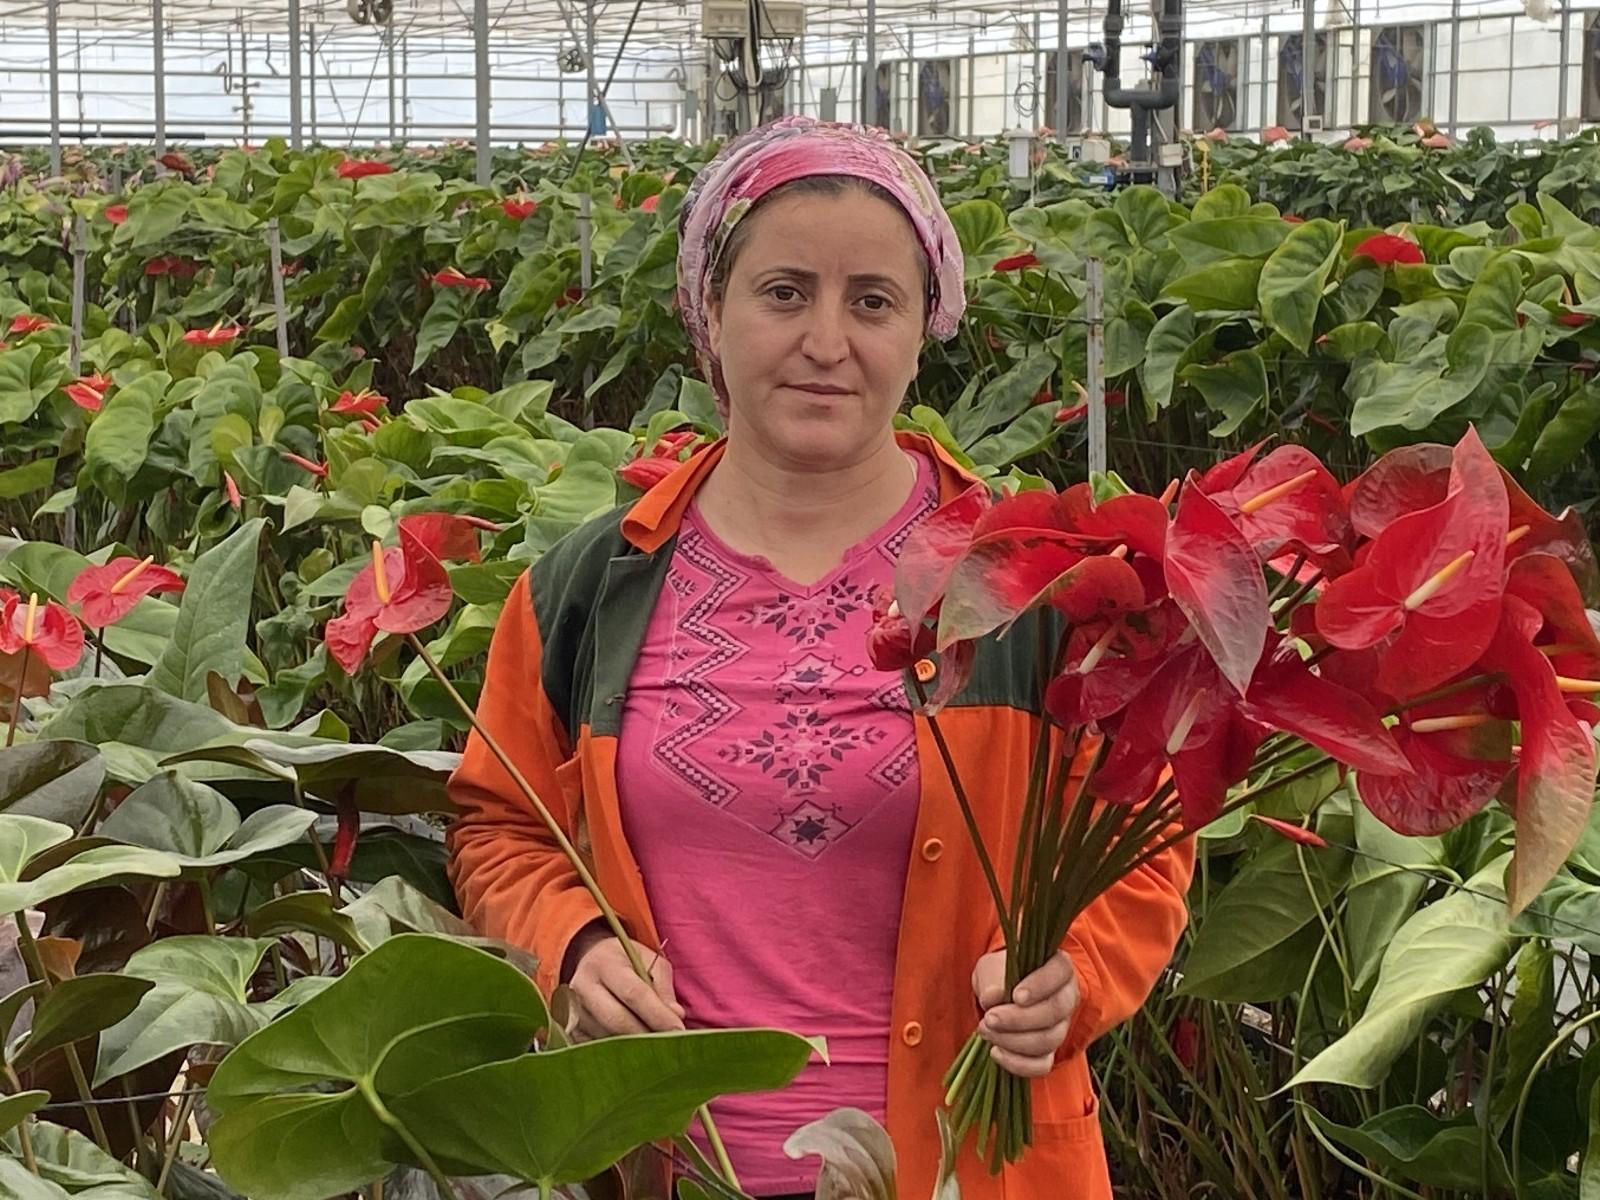 (Özel) Topraksız tarımın en uzun ömürlü çiçeği Antalya'dan Avrupa ülkelerine gönderiliyor